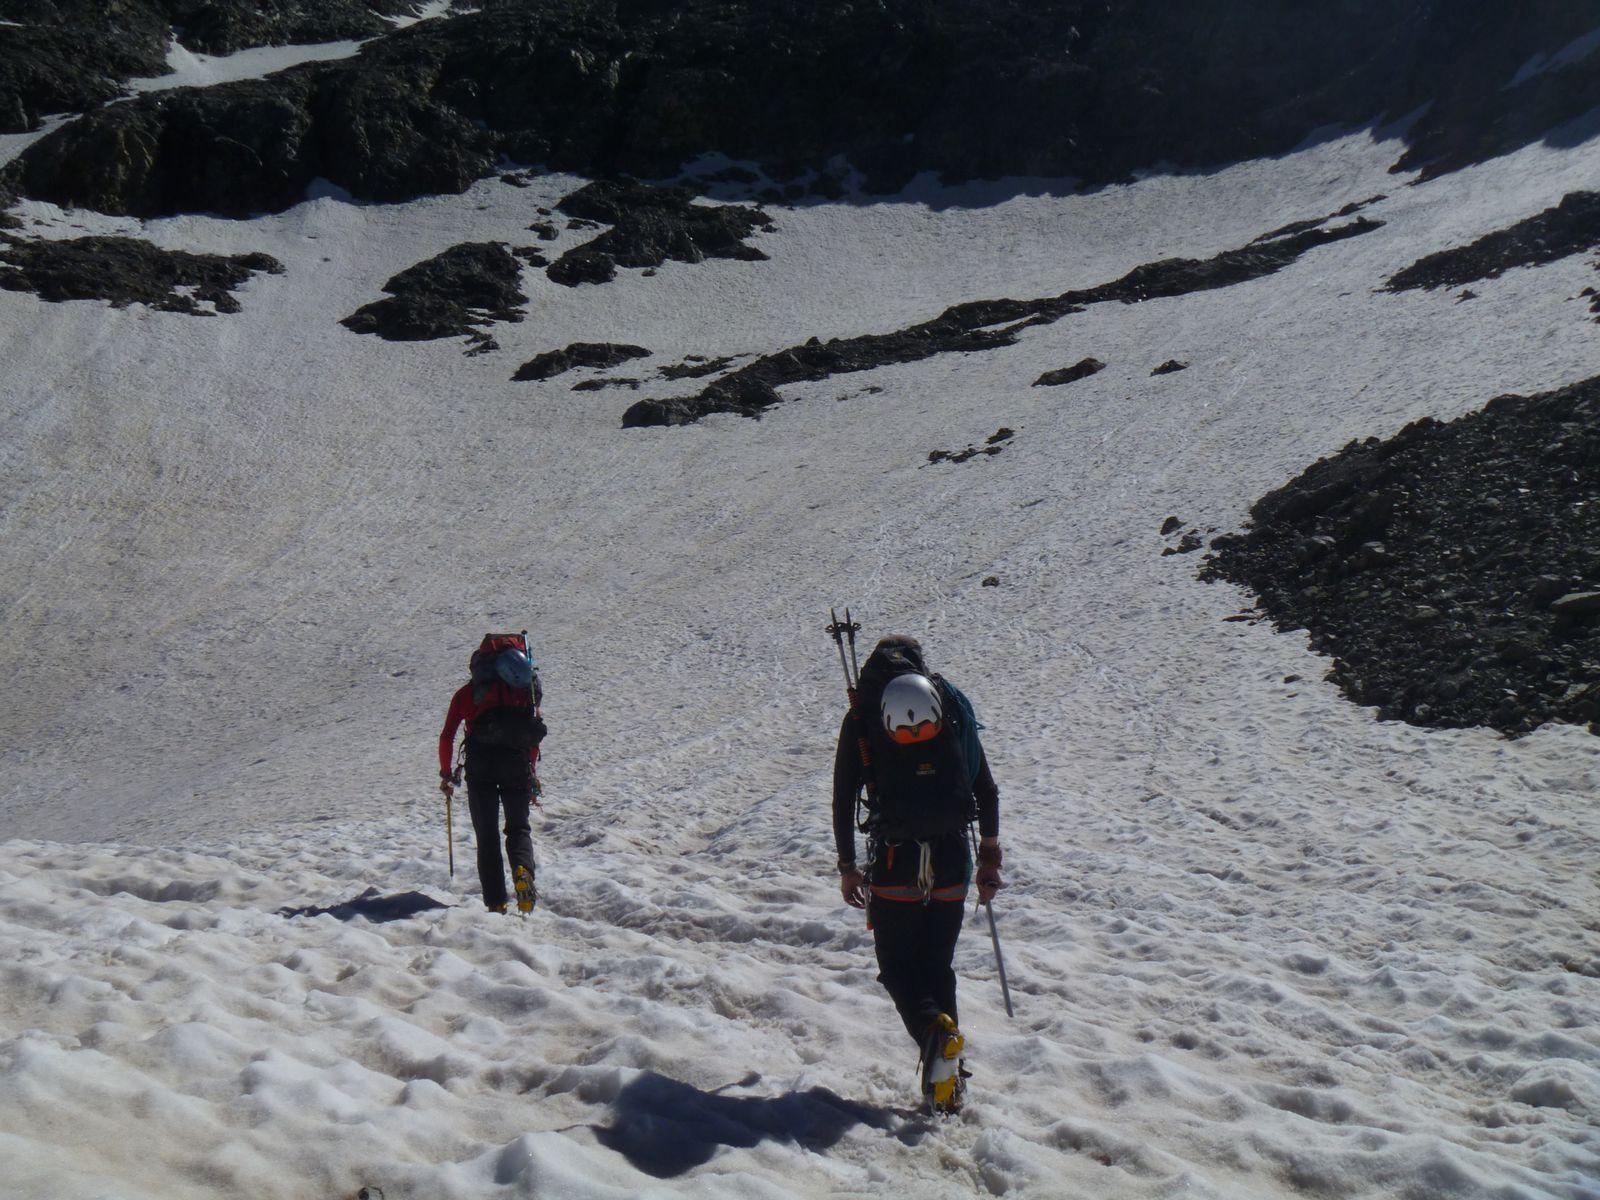 Randonnée Montagne - Glacier du Bec - Refuge de l'Aigle (Ecrins)